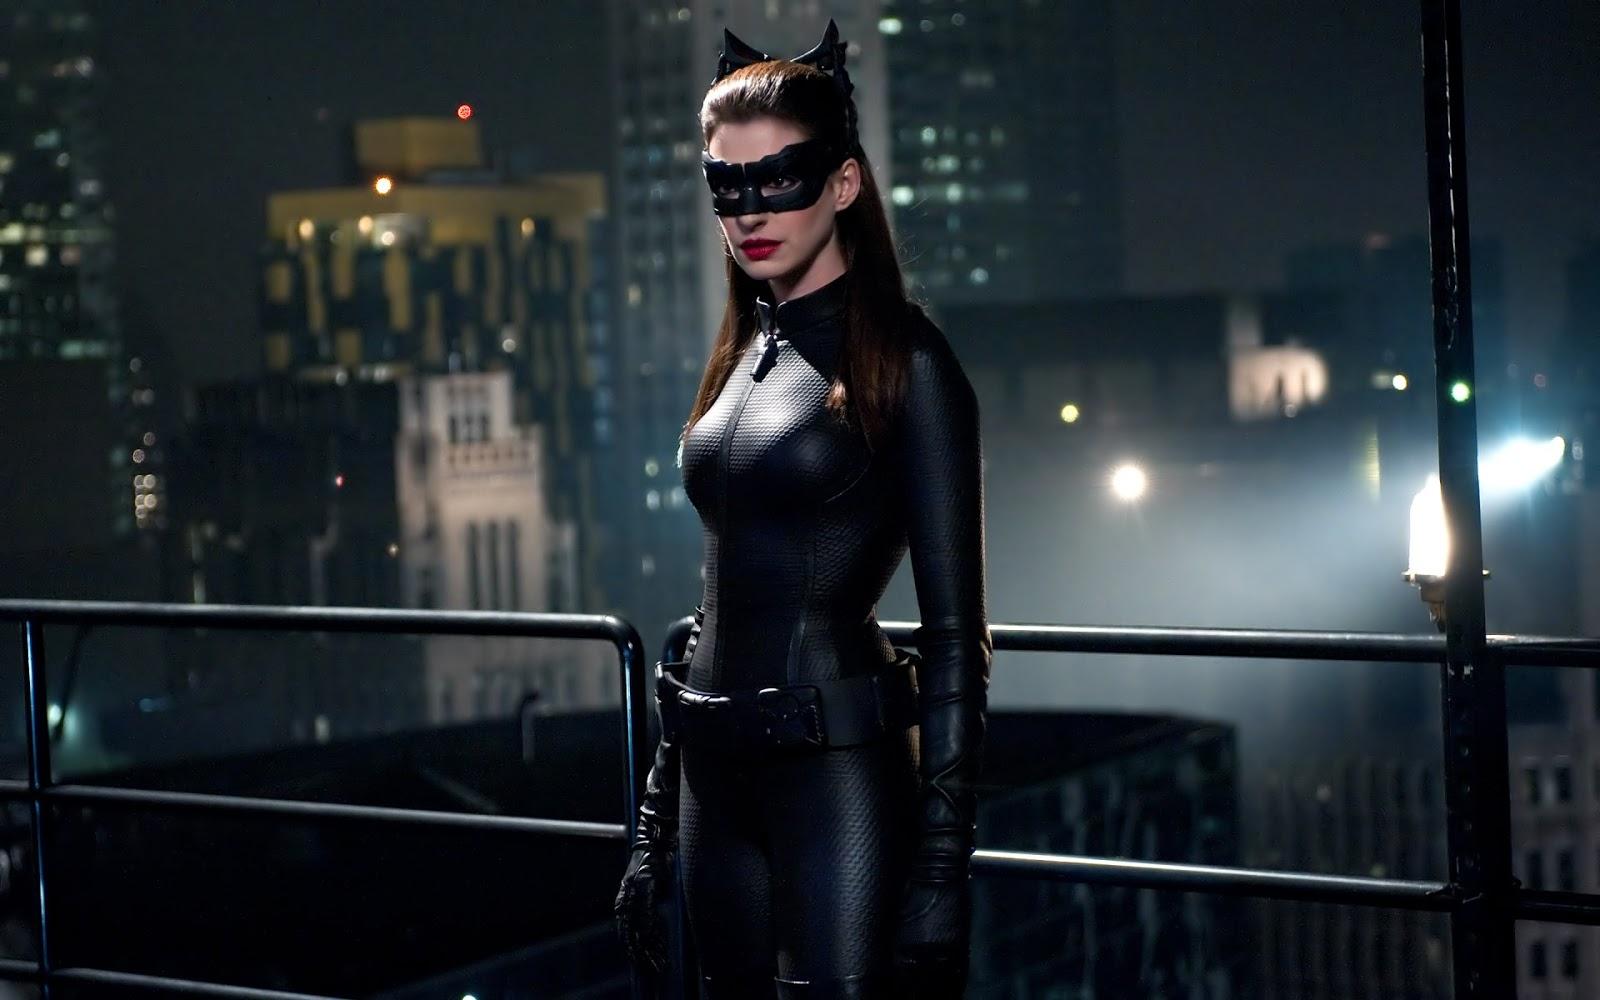 http://2.bp.blogspot.com/-aUhtHbSE7Vk/UIHAbenJlJI/AAAAAAAAFXE/OoUxD69av1A/s1600/anne_hathaway_catwoman_dark_knight_rises-1920x1200.jpg